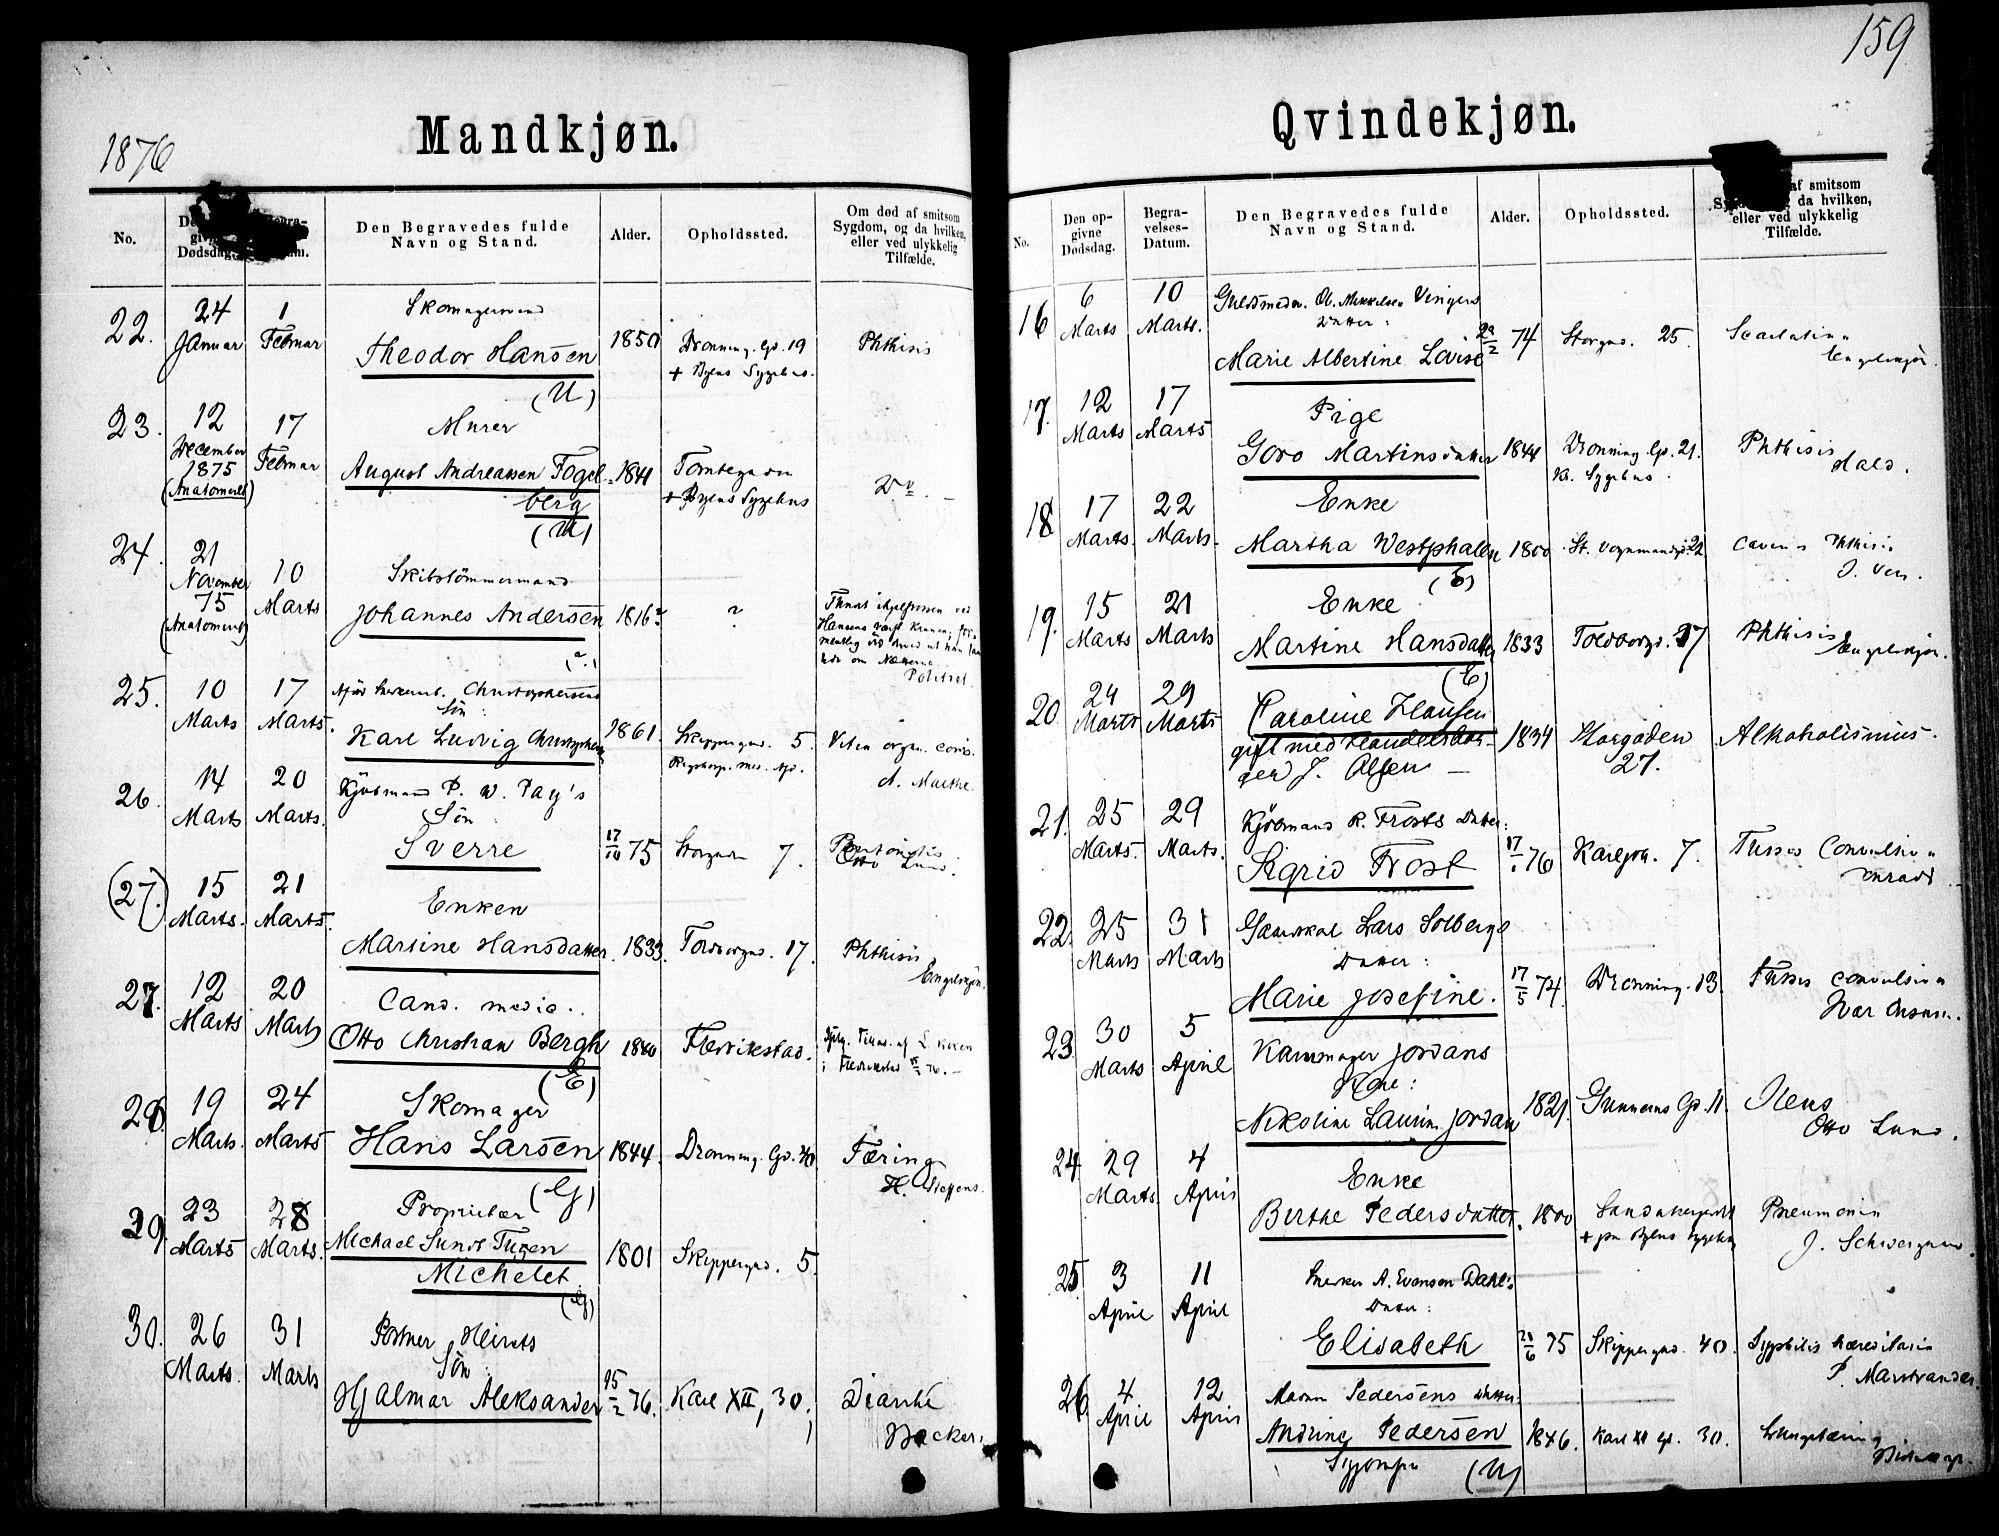 SAO, Oslo domkirke Kirkebøker, F/Fa/L0026: Ministerialbok nr. 26, 1867-1884, s. 159